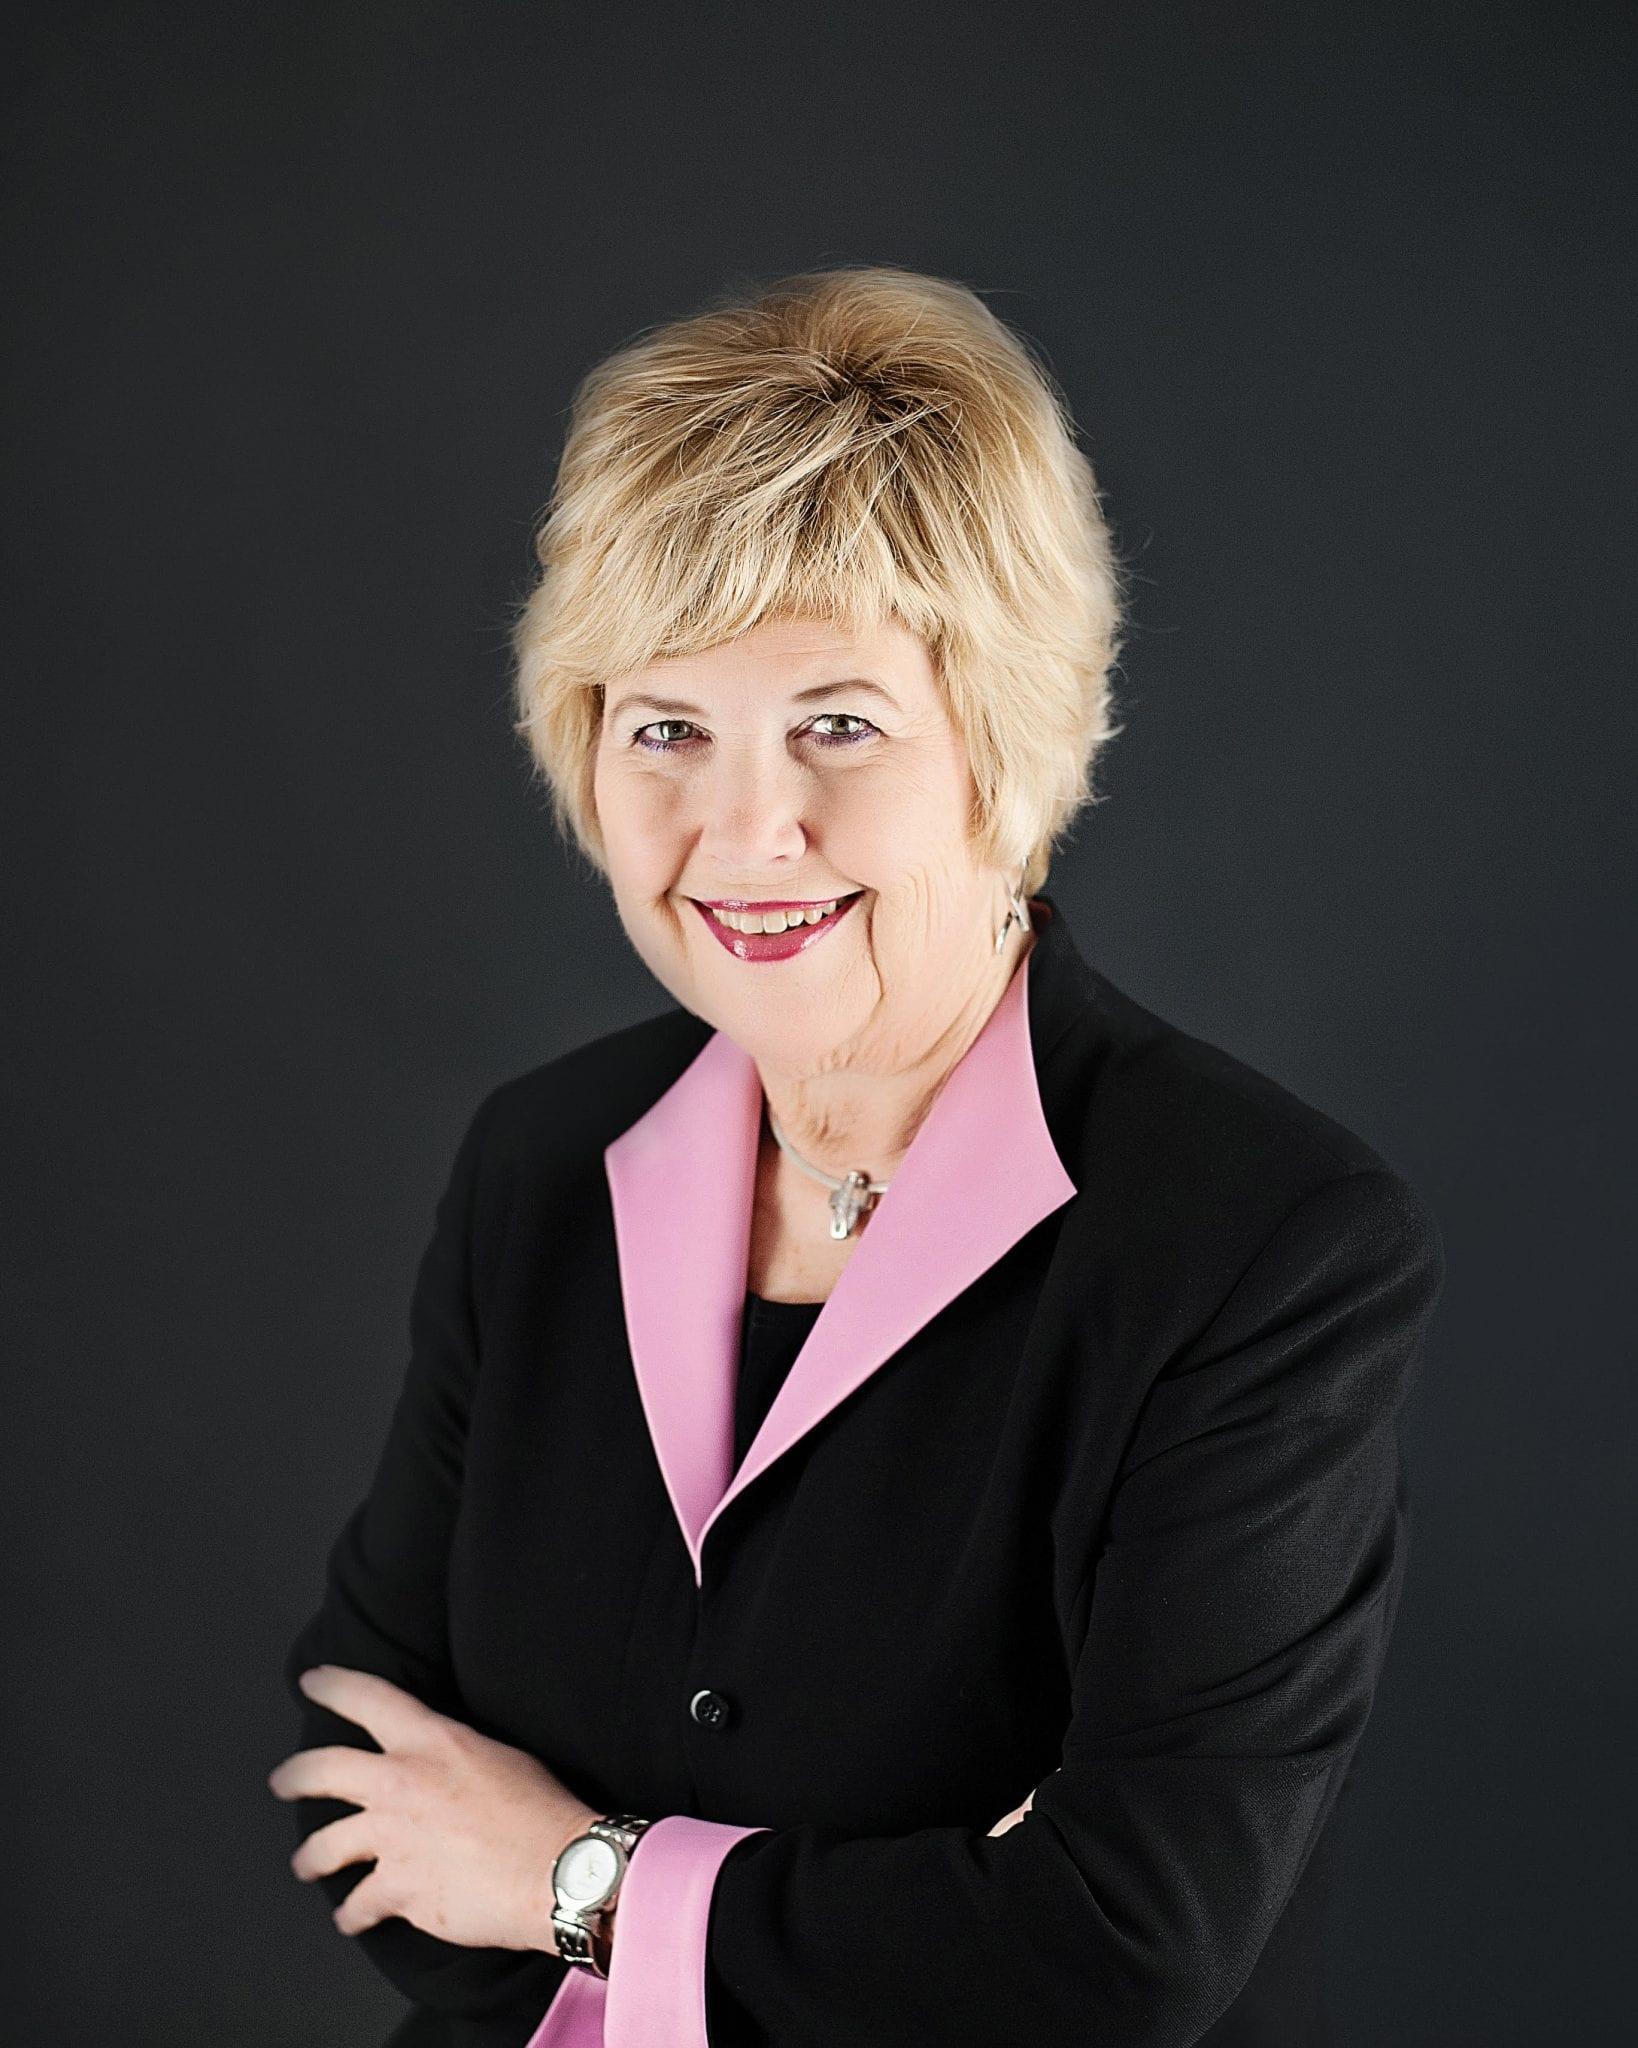 Carol M. Gresham